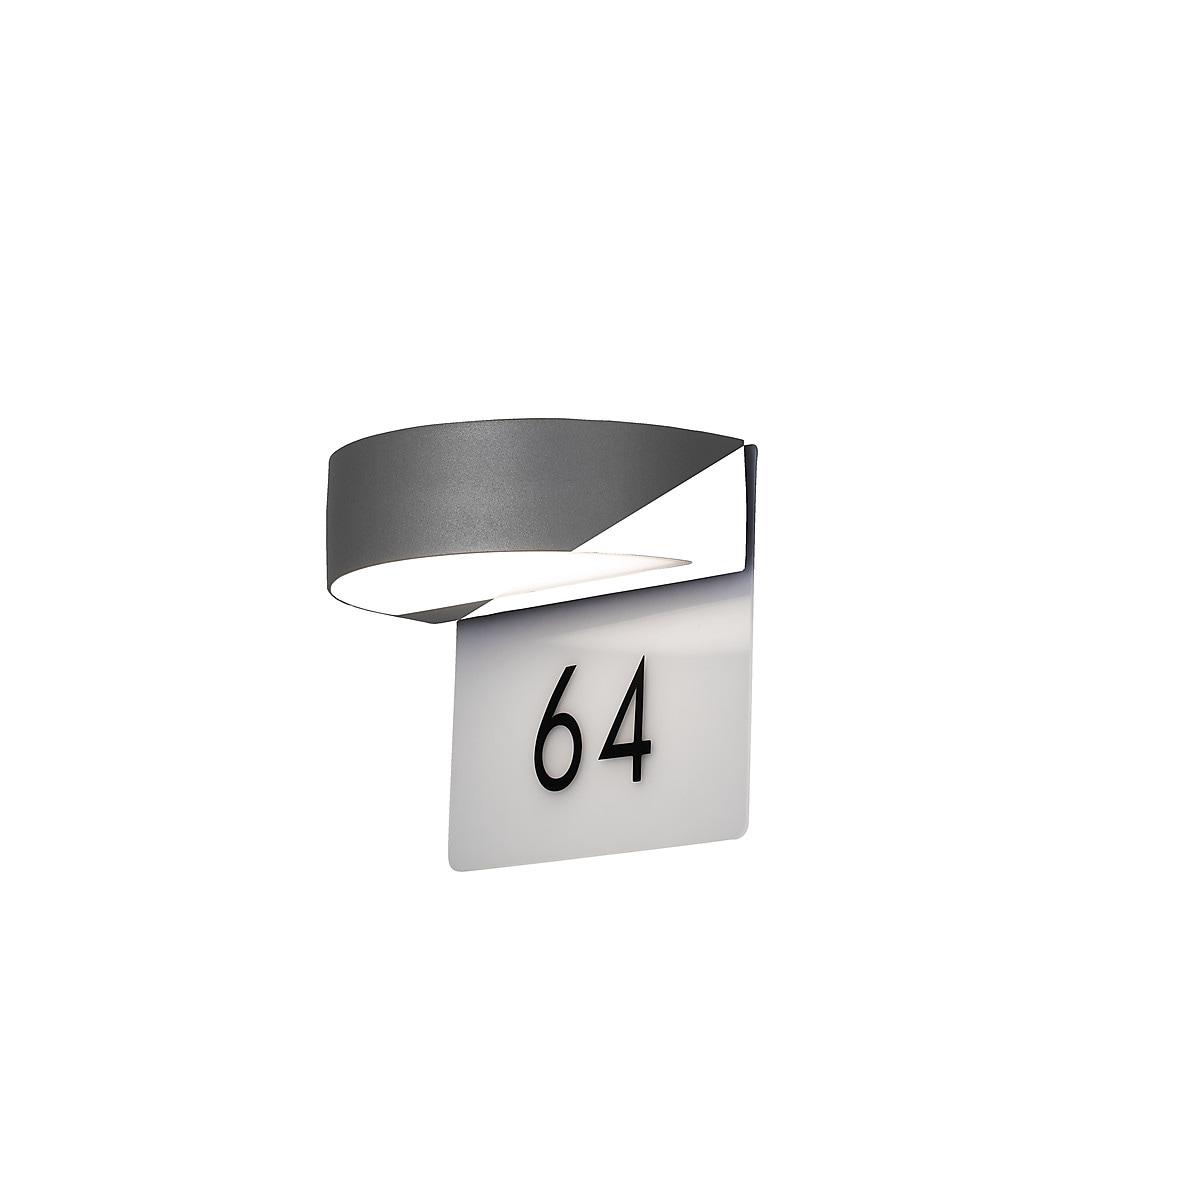 Konstsmide Monza utelys med husnummer